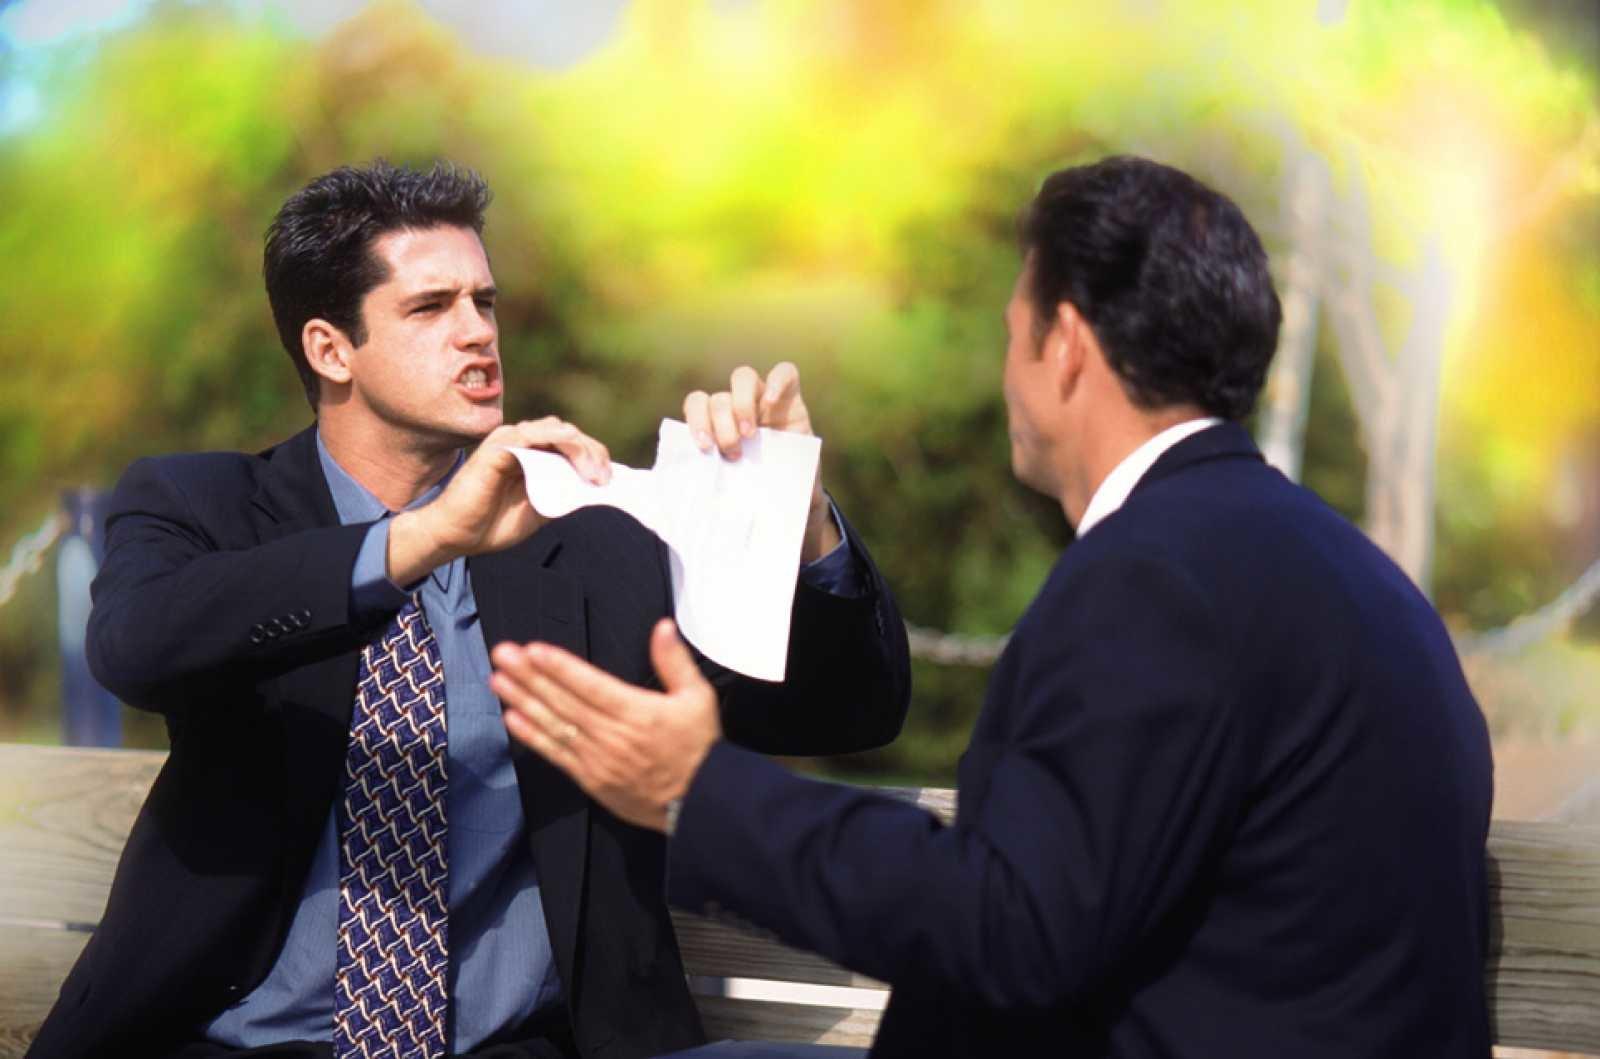 Иск о признании сделки недействительной образец